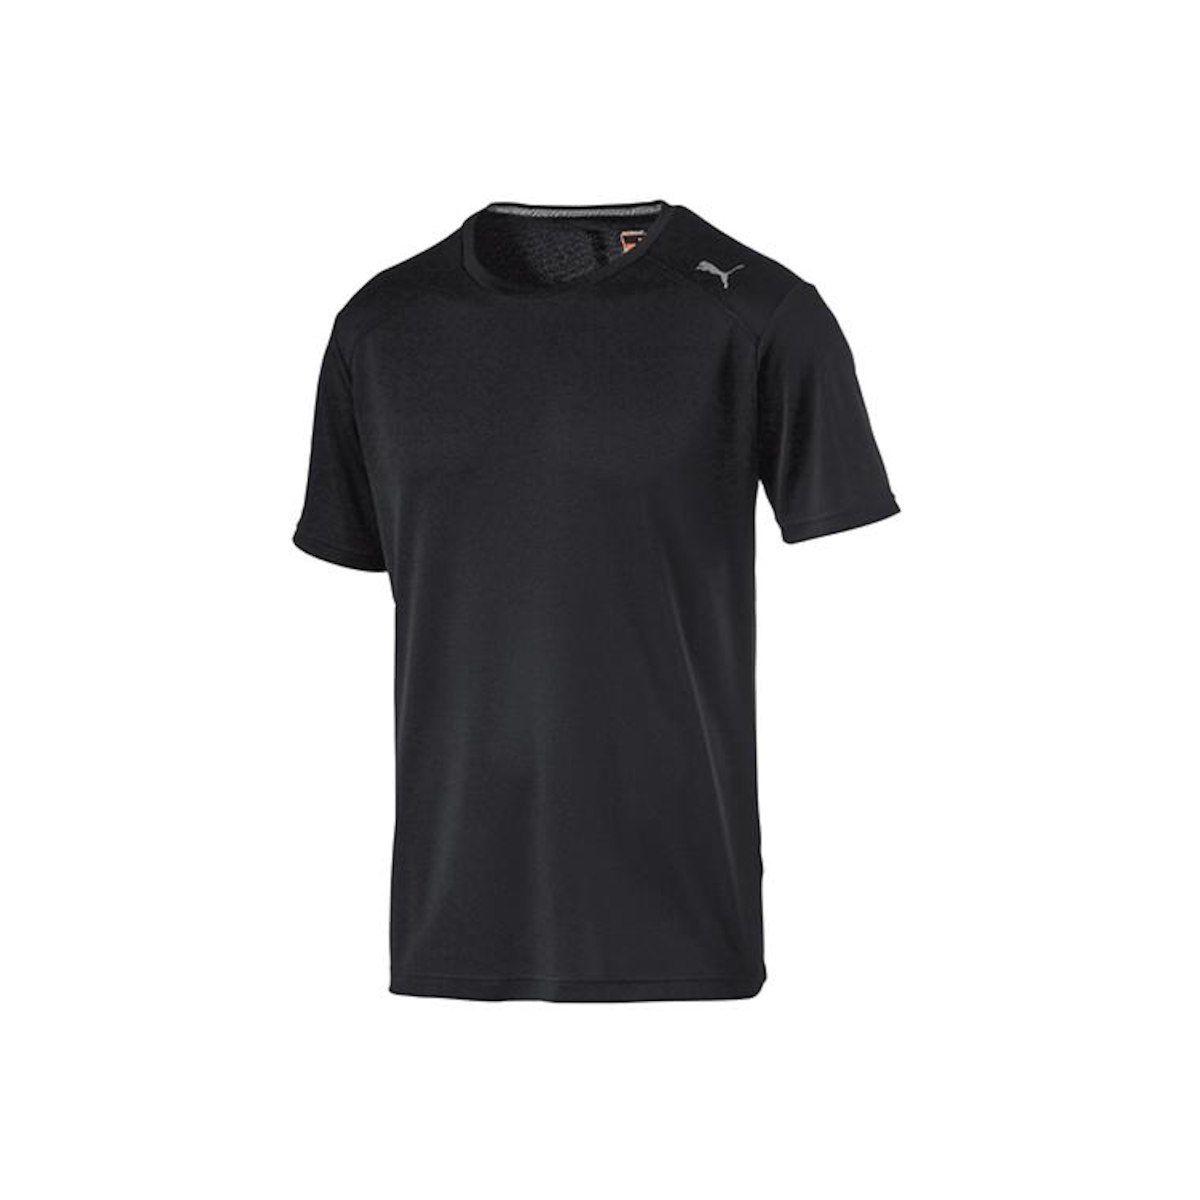 871adb71e1 Camiseta Puma Essential Tee Cód 513605 01 - Só Torcedor - Apaixonados por  Futebol ...